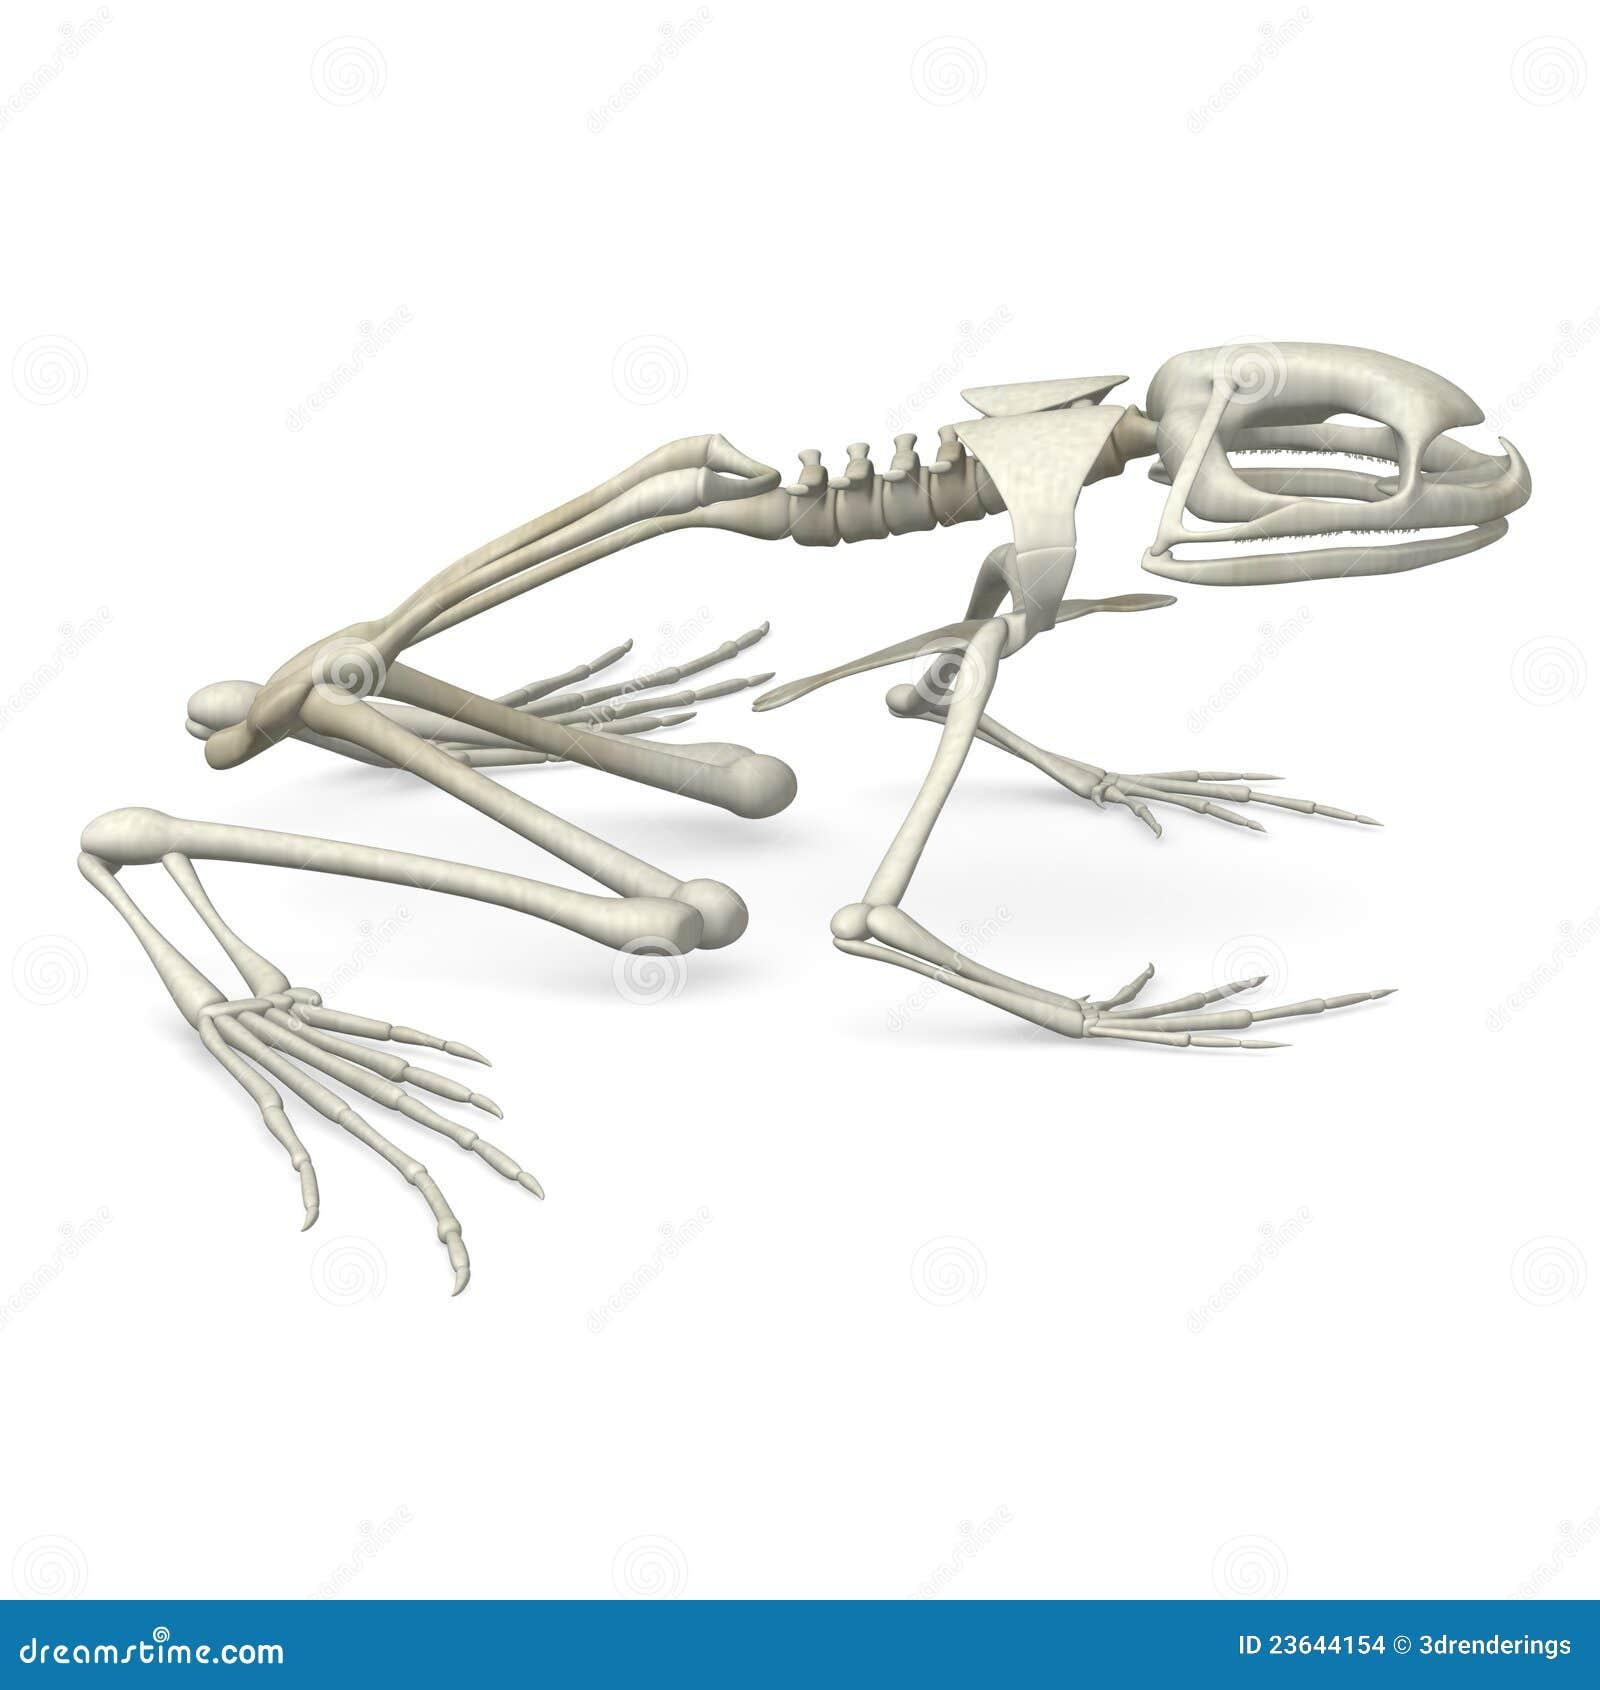 frog skeleton from side stock images image 23644154. Black Bedroom Furniture Sets. Home Design Ideas